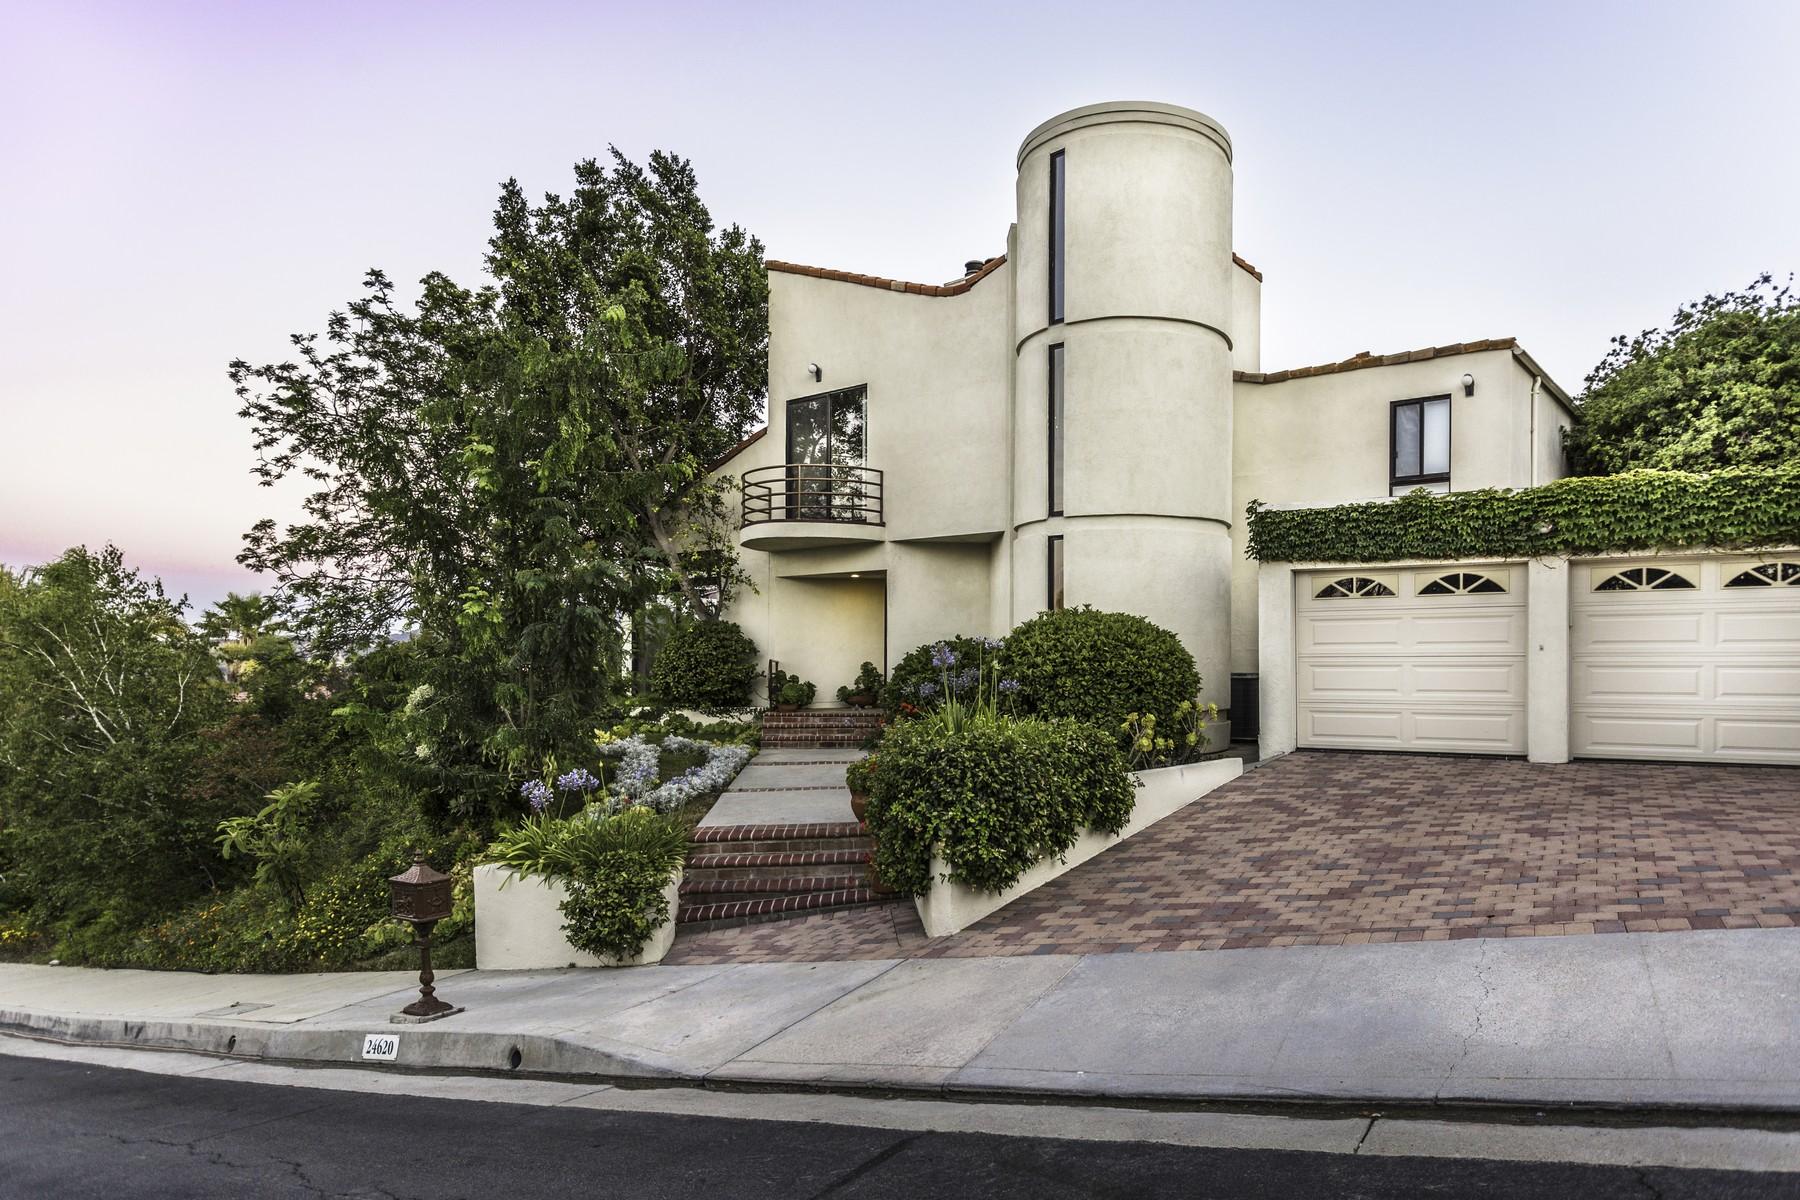 Частный односемейный дом для того Продажа на 24620 Cordillera Dr. Calabasas, Калифорния, 91302 Соединенные Штаты